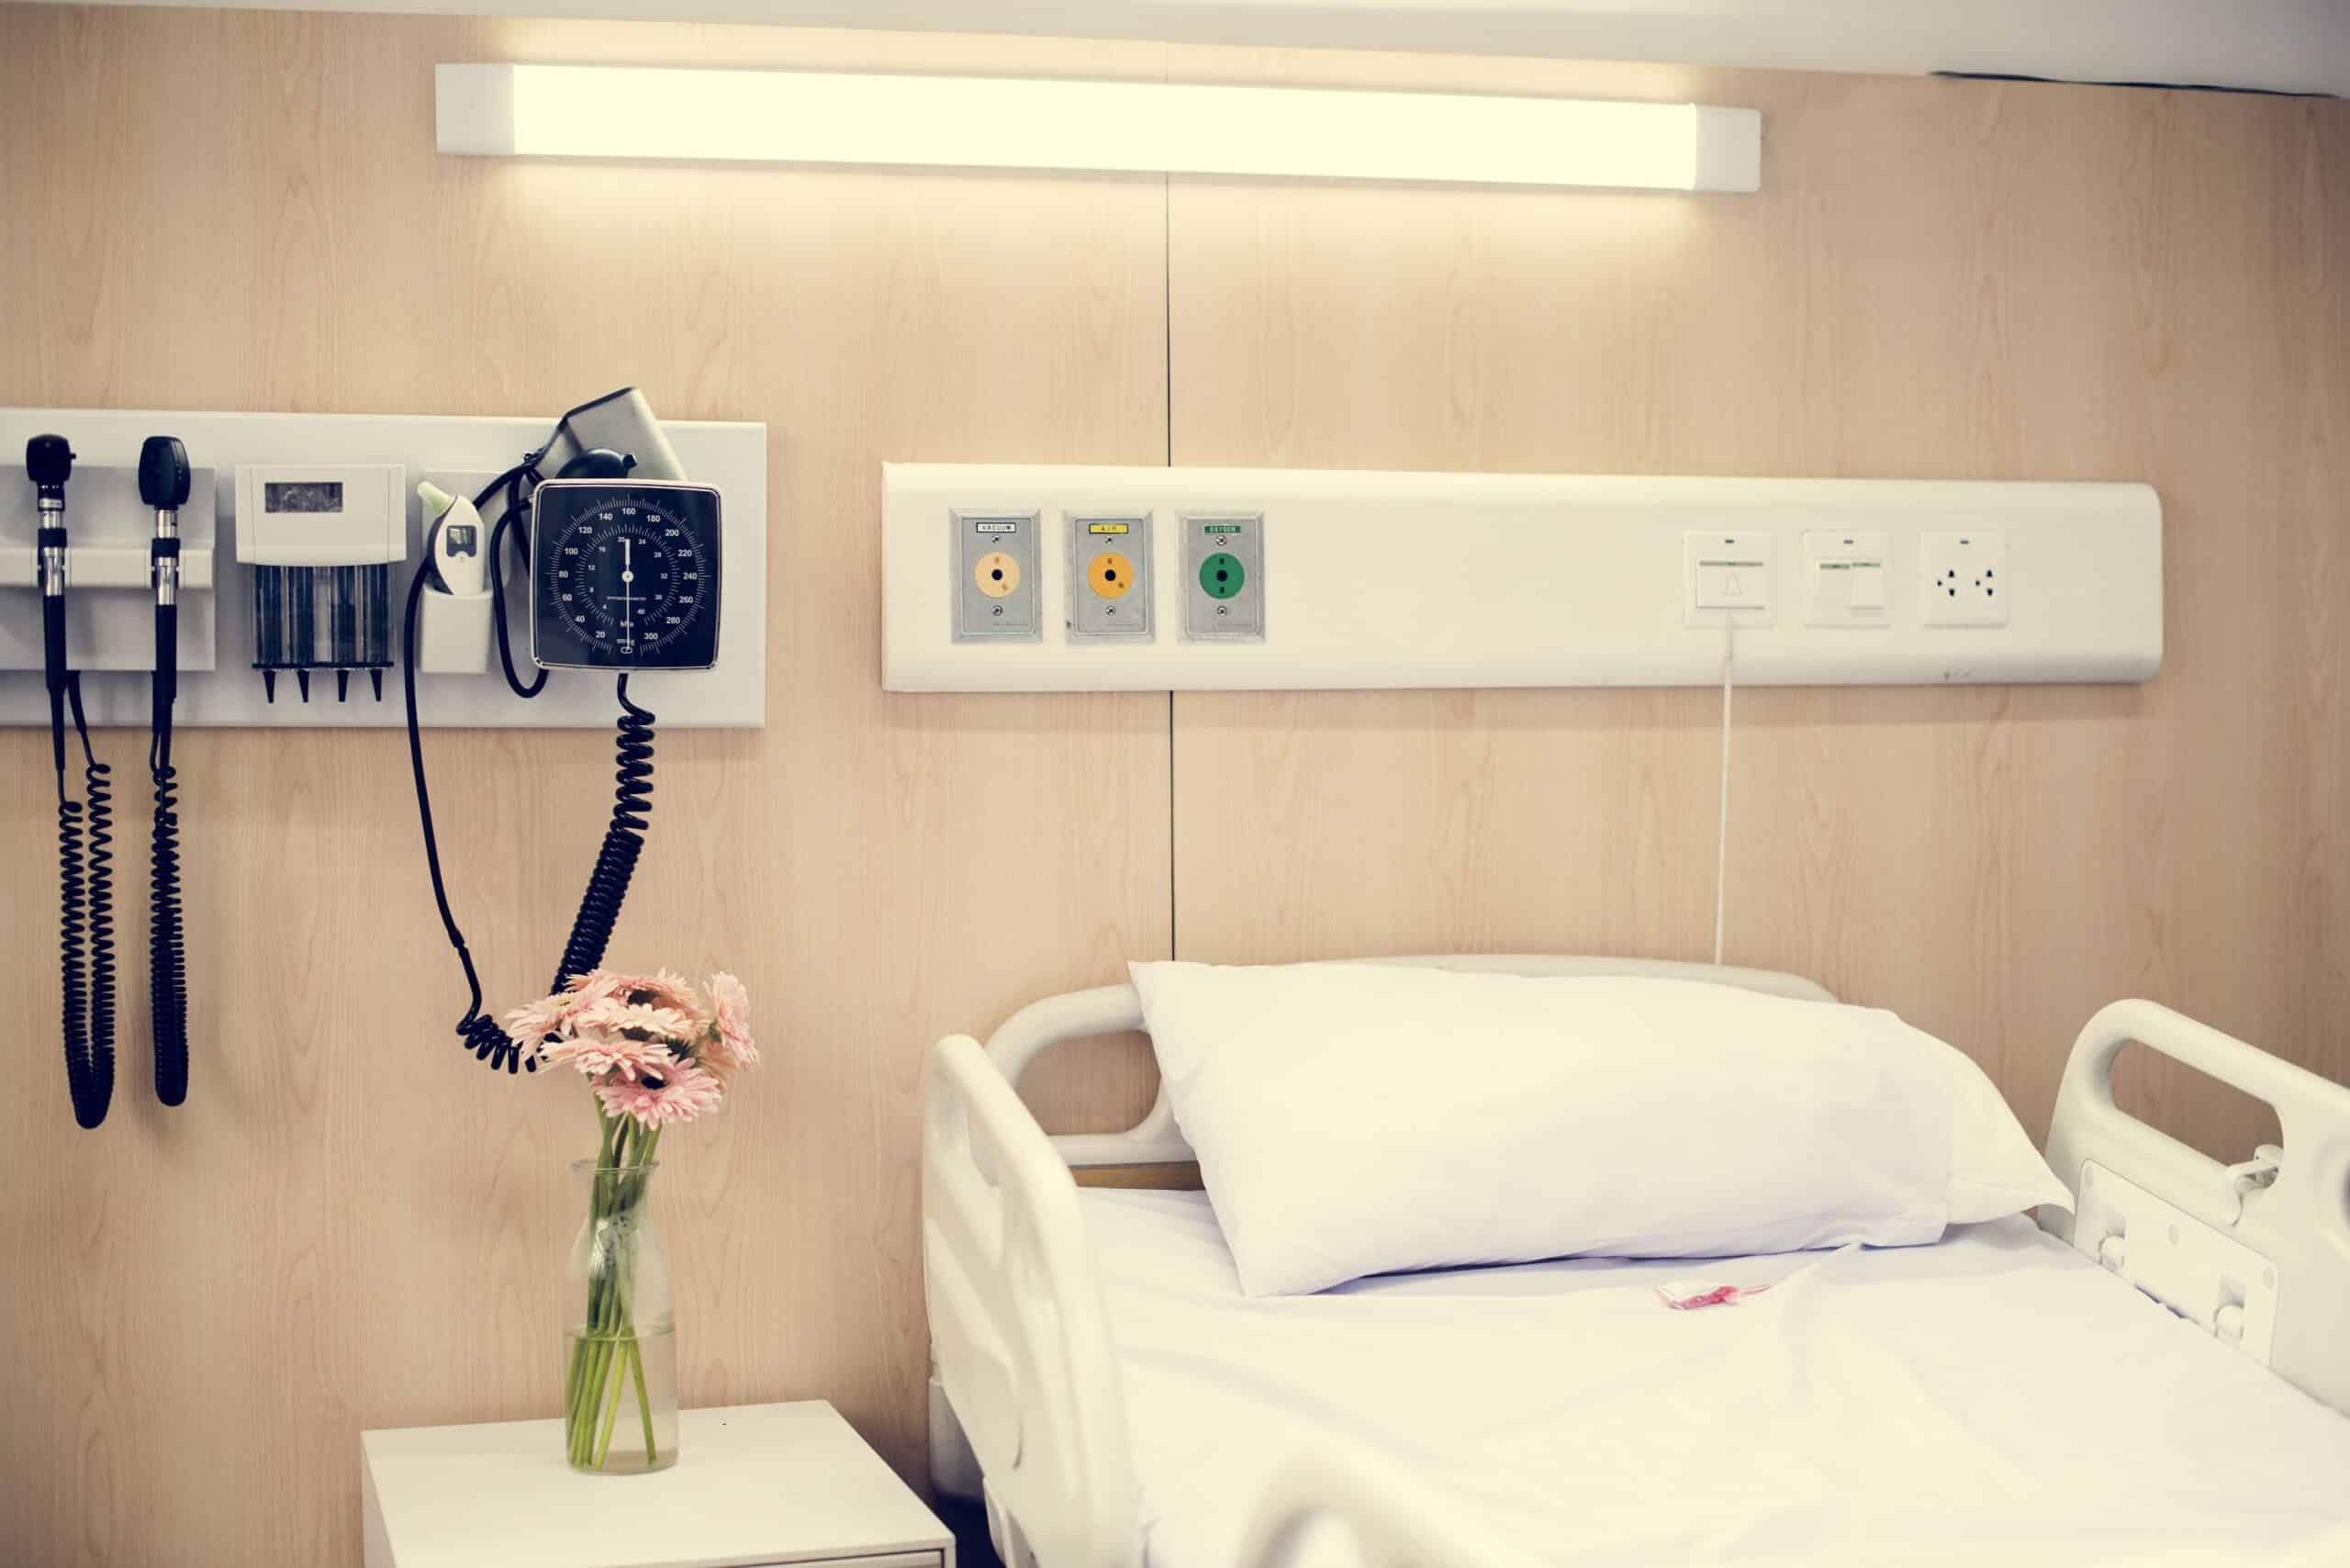 Peste 95% din spitalele țării arată mai rău decât în timpul lui Ceaușescu